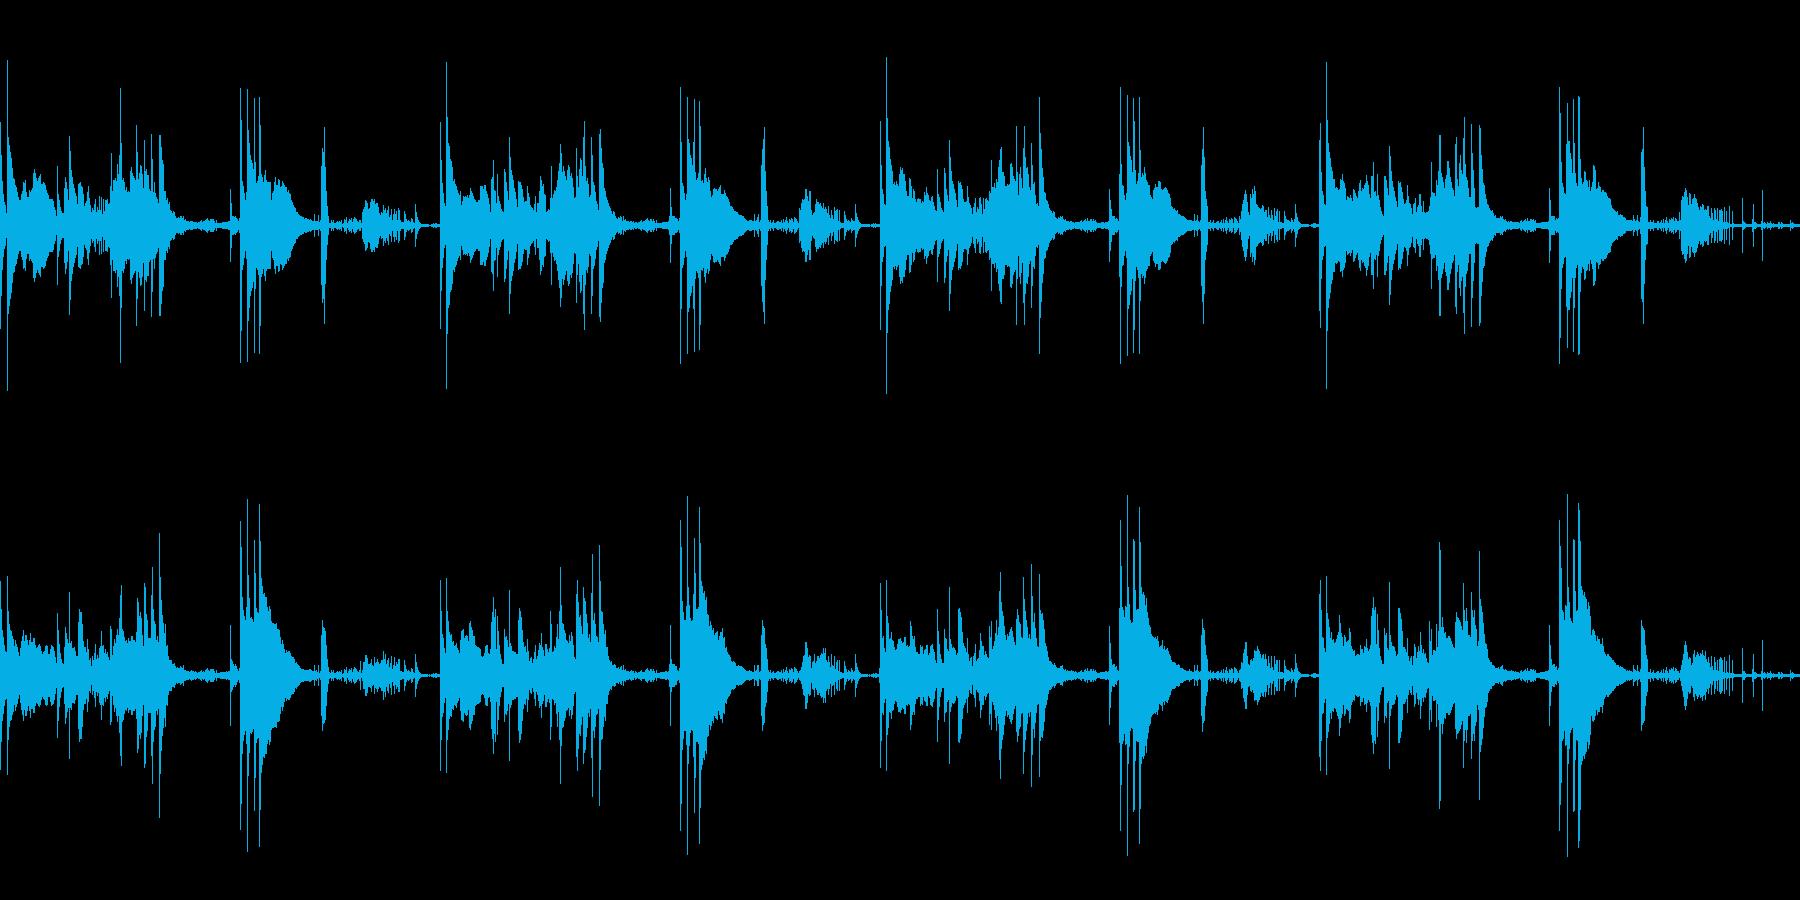 ほのぼのしたアコースティック楽曲の再生済みの波形